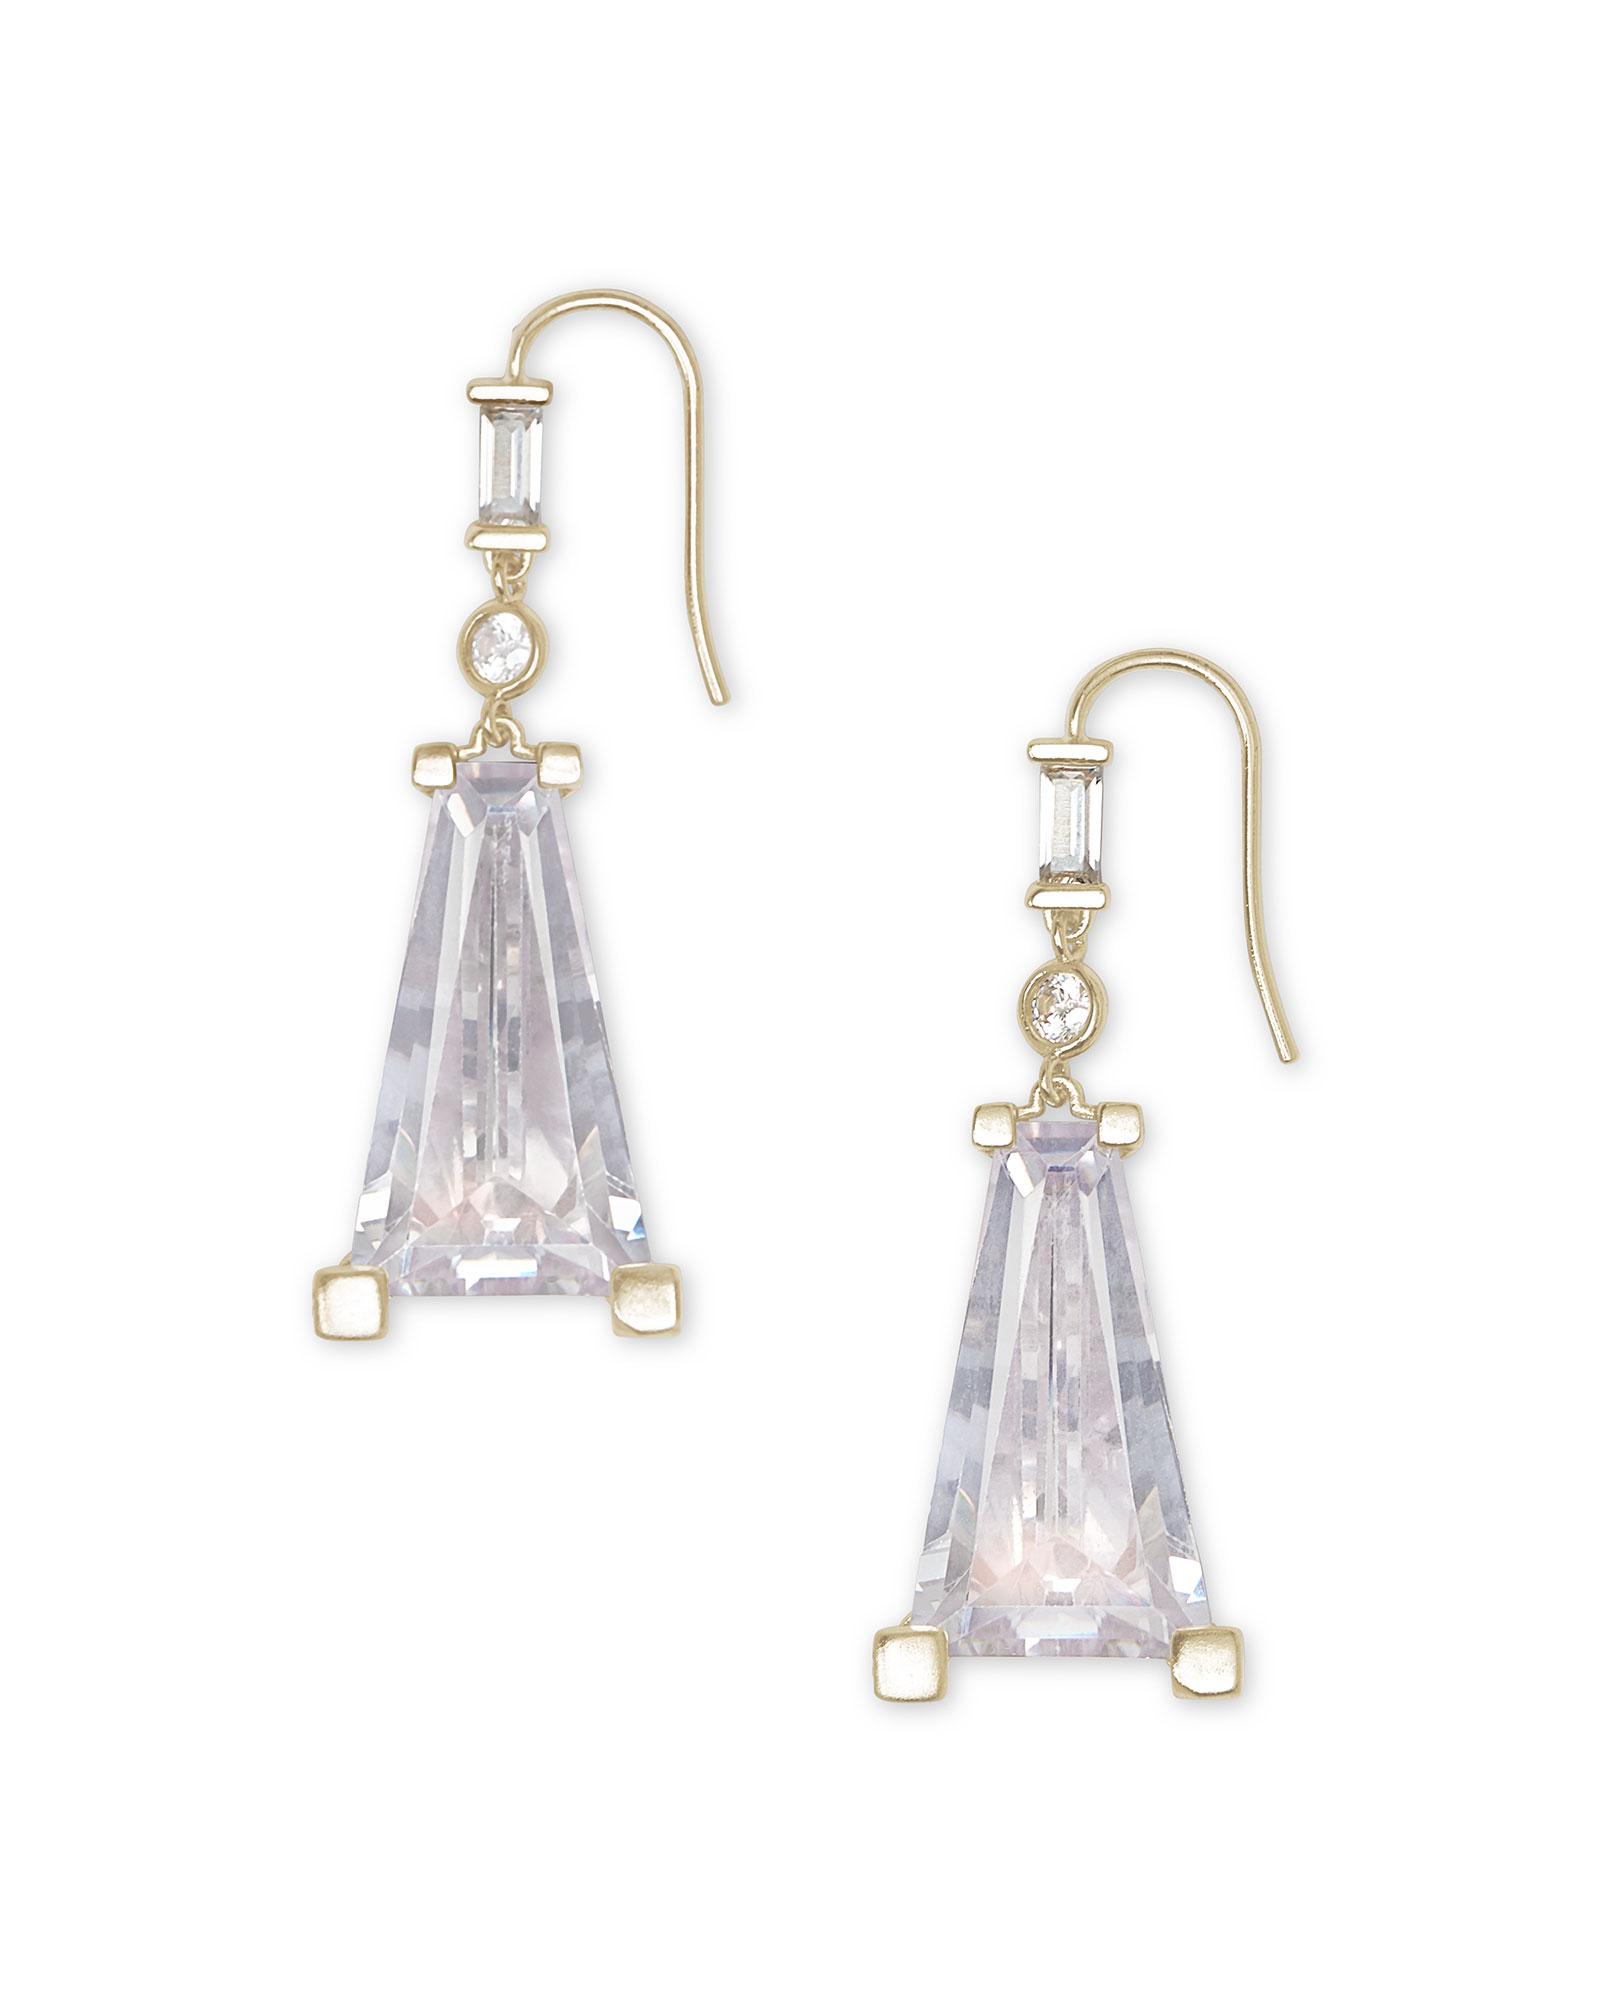 Everdeen Gold Drop Earrings in Lustre Glass